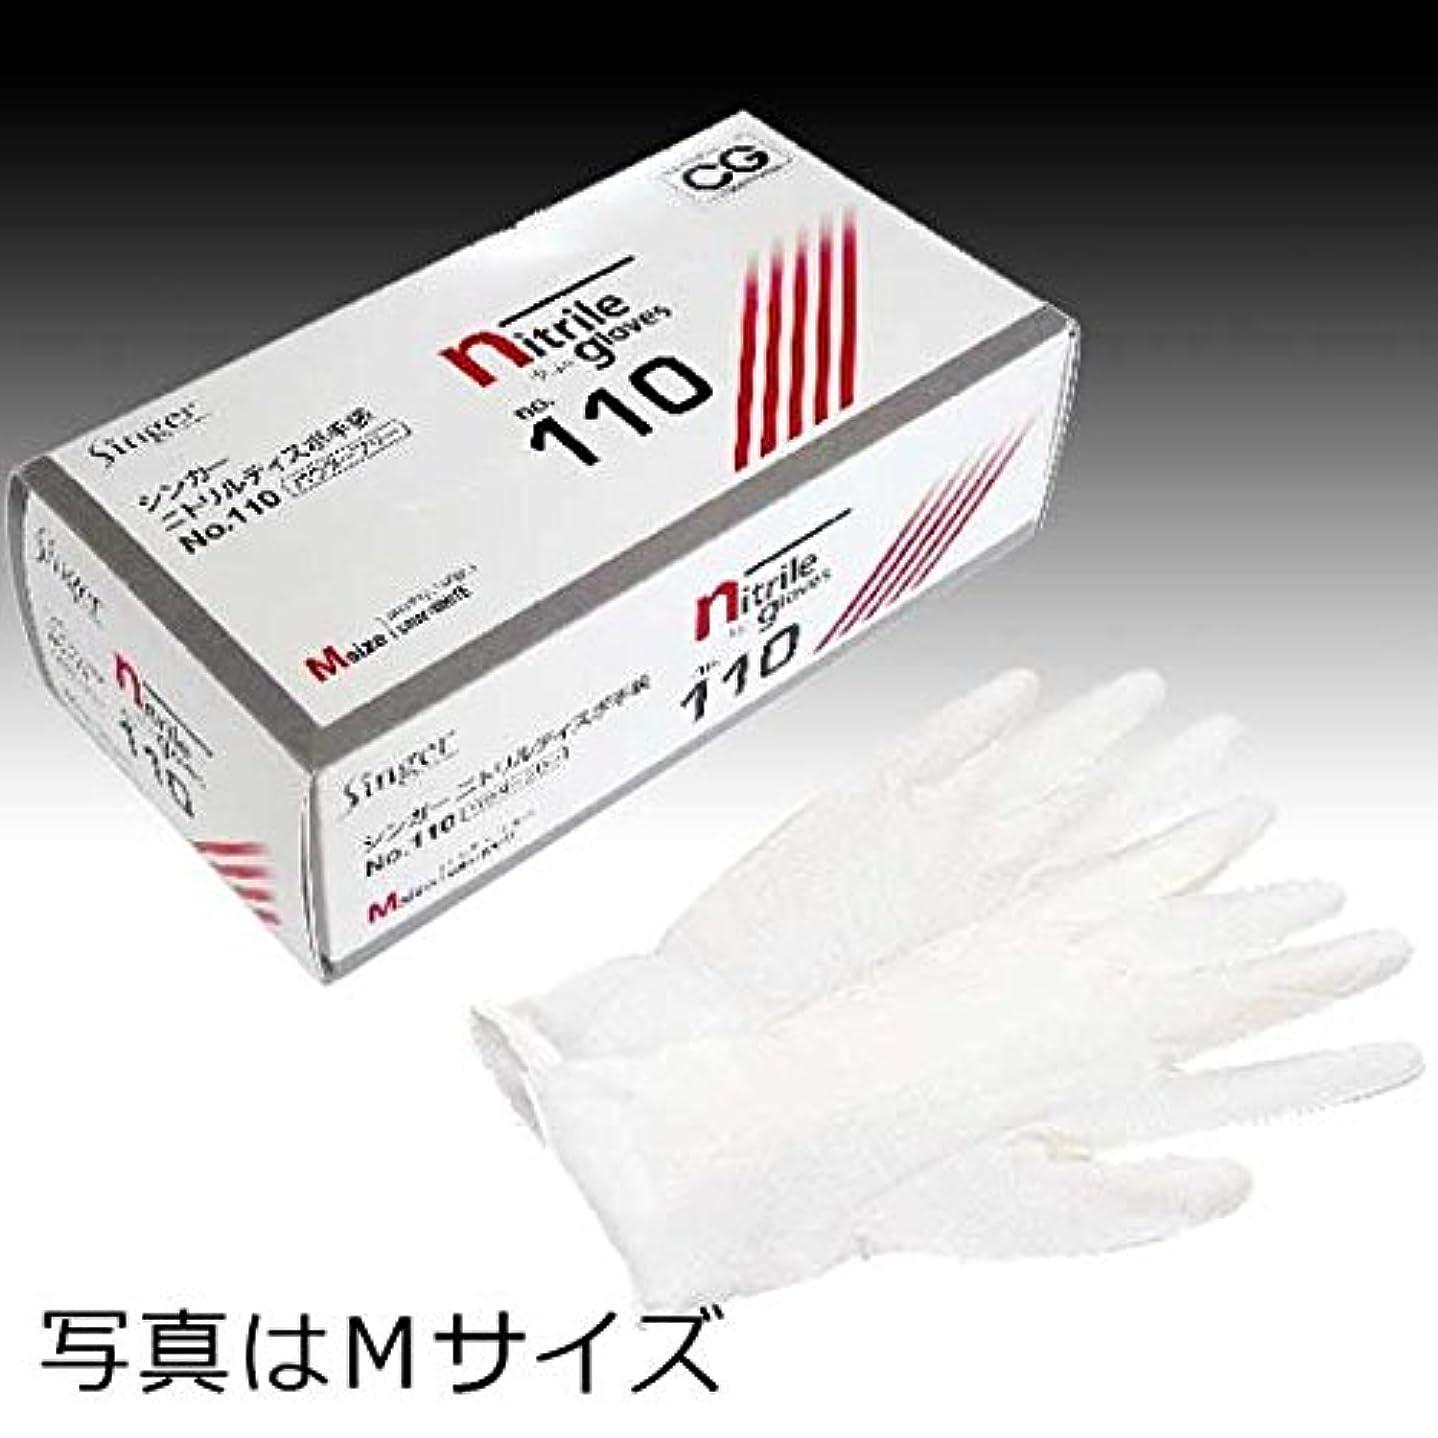 そう東部合法シンガーニトリルディスポ No.100 使い捨て手袋 粉つき2000枚 (100枚入り×20箱) (L)